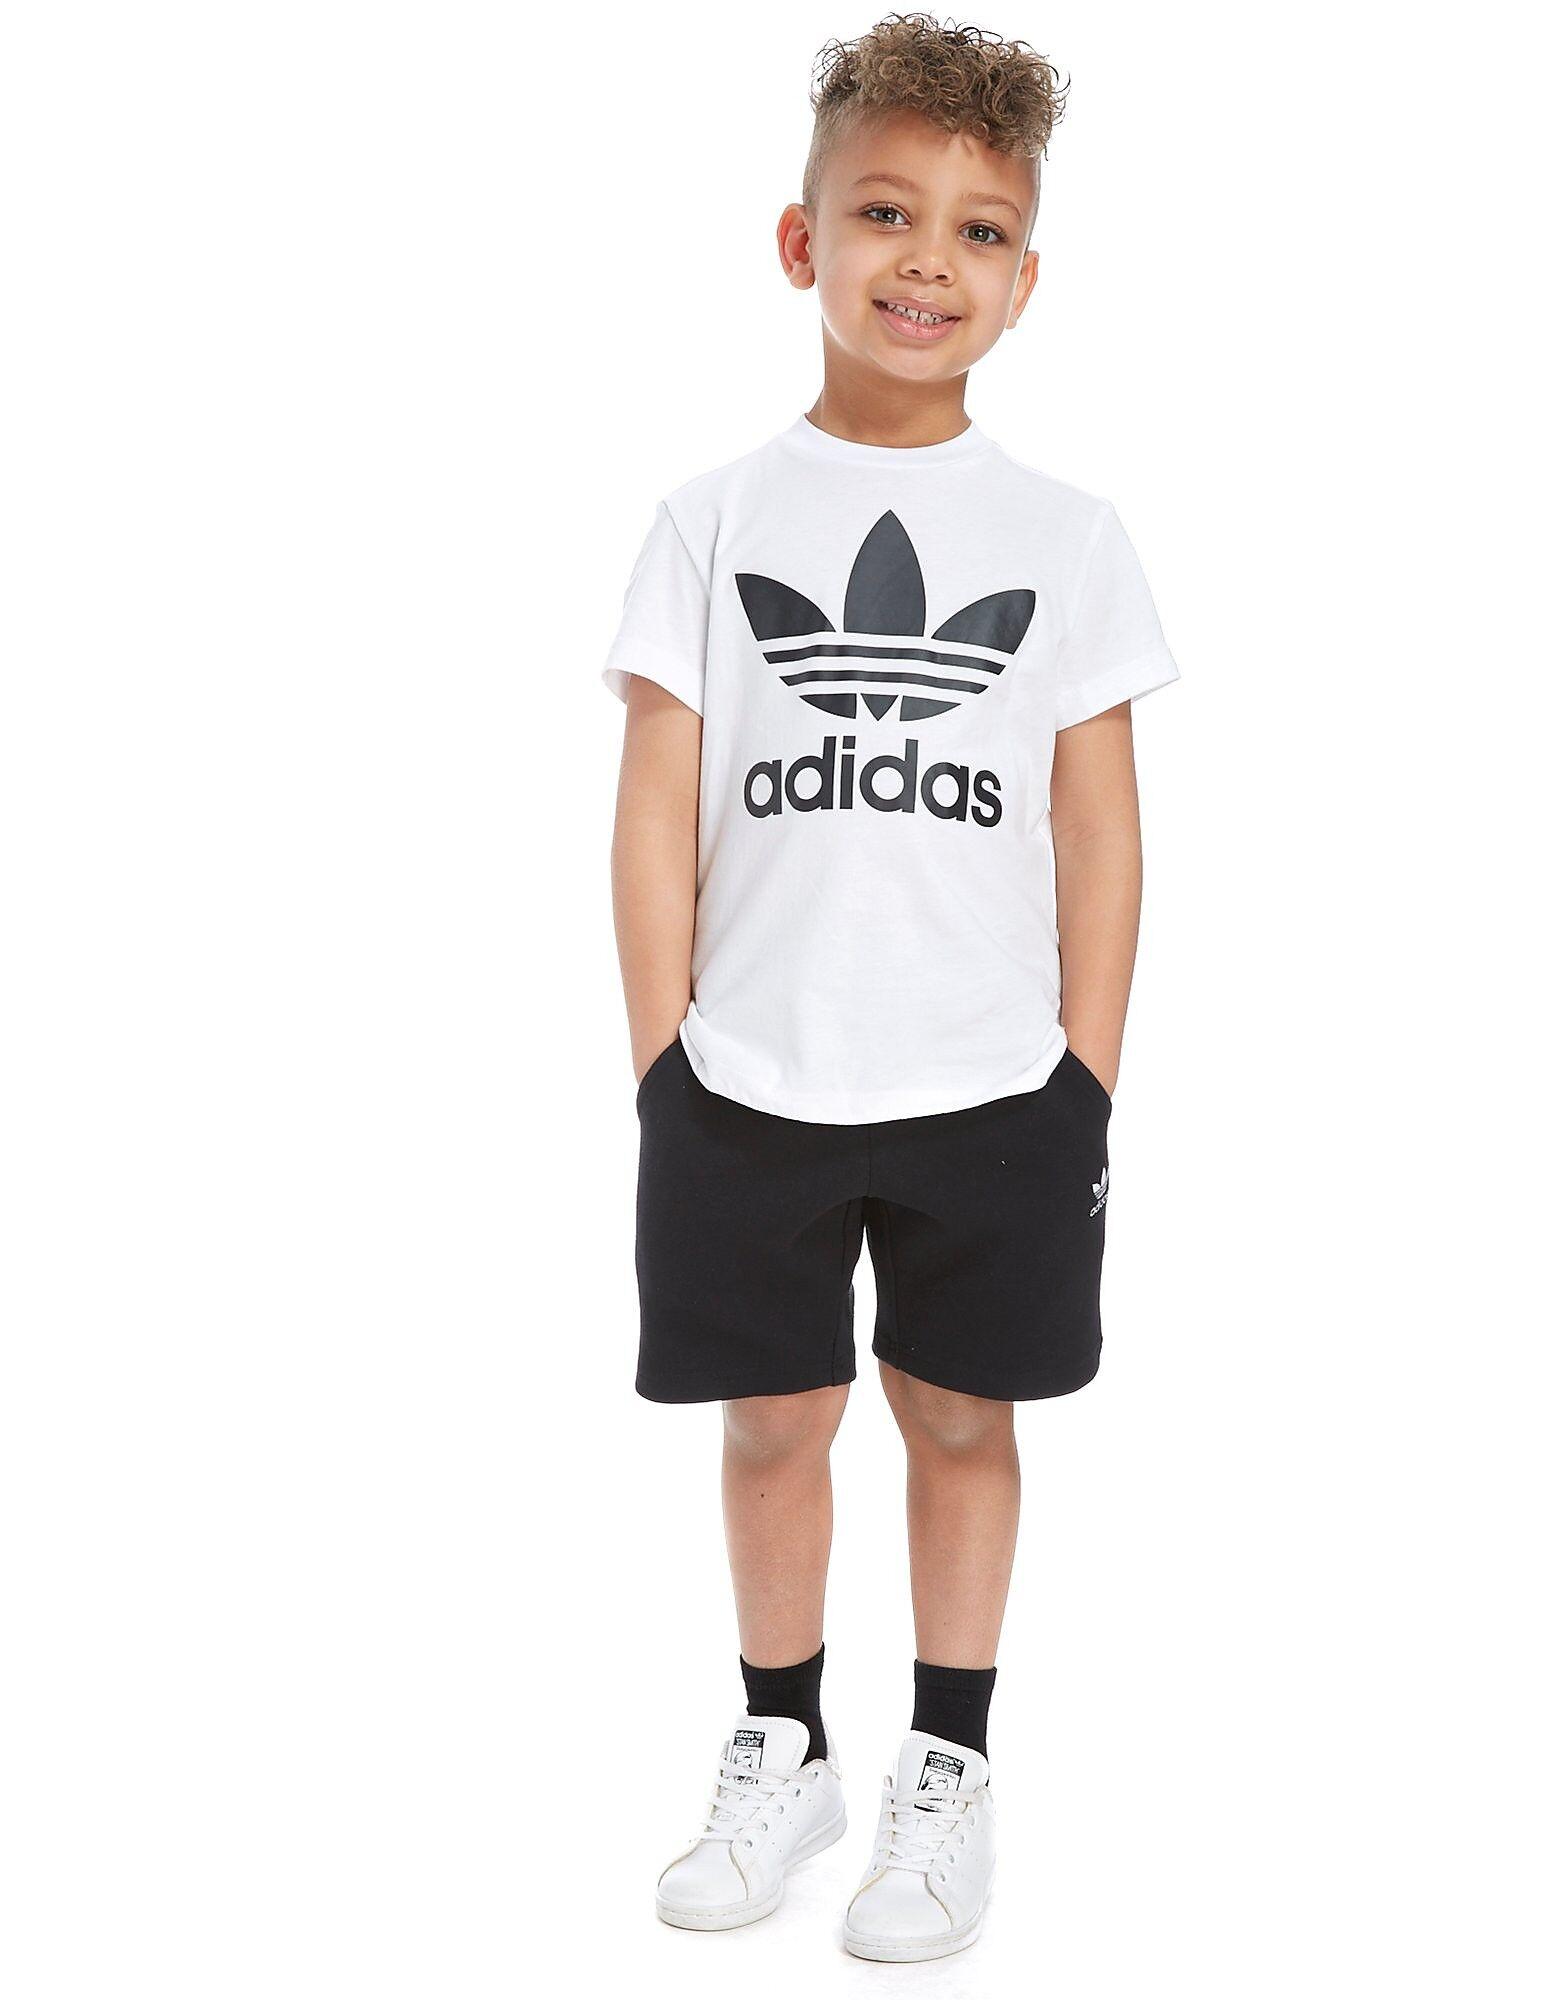 Image of Adidas Originals T-Paita & Shortsit Lapset - Kids, Valkoinen